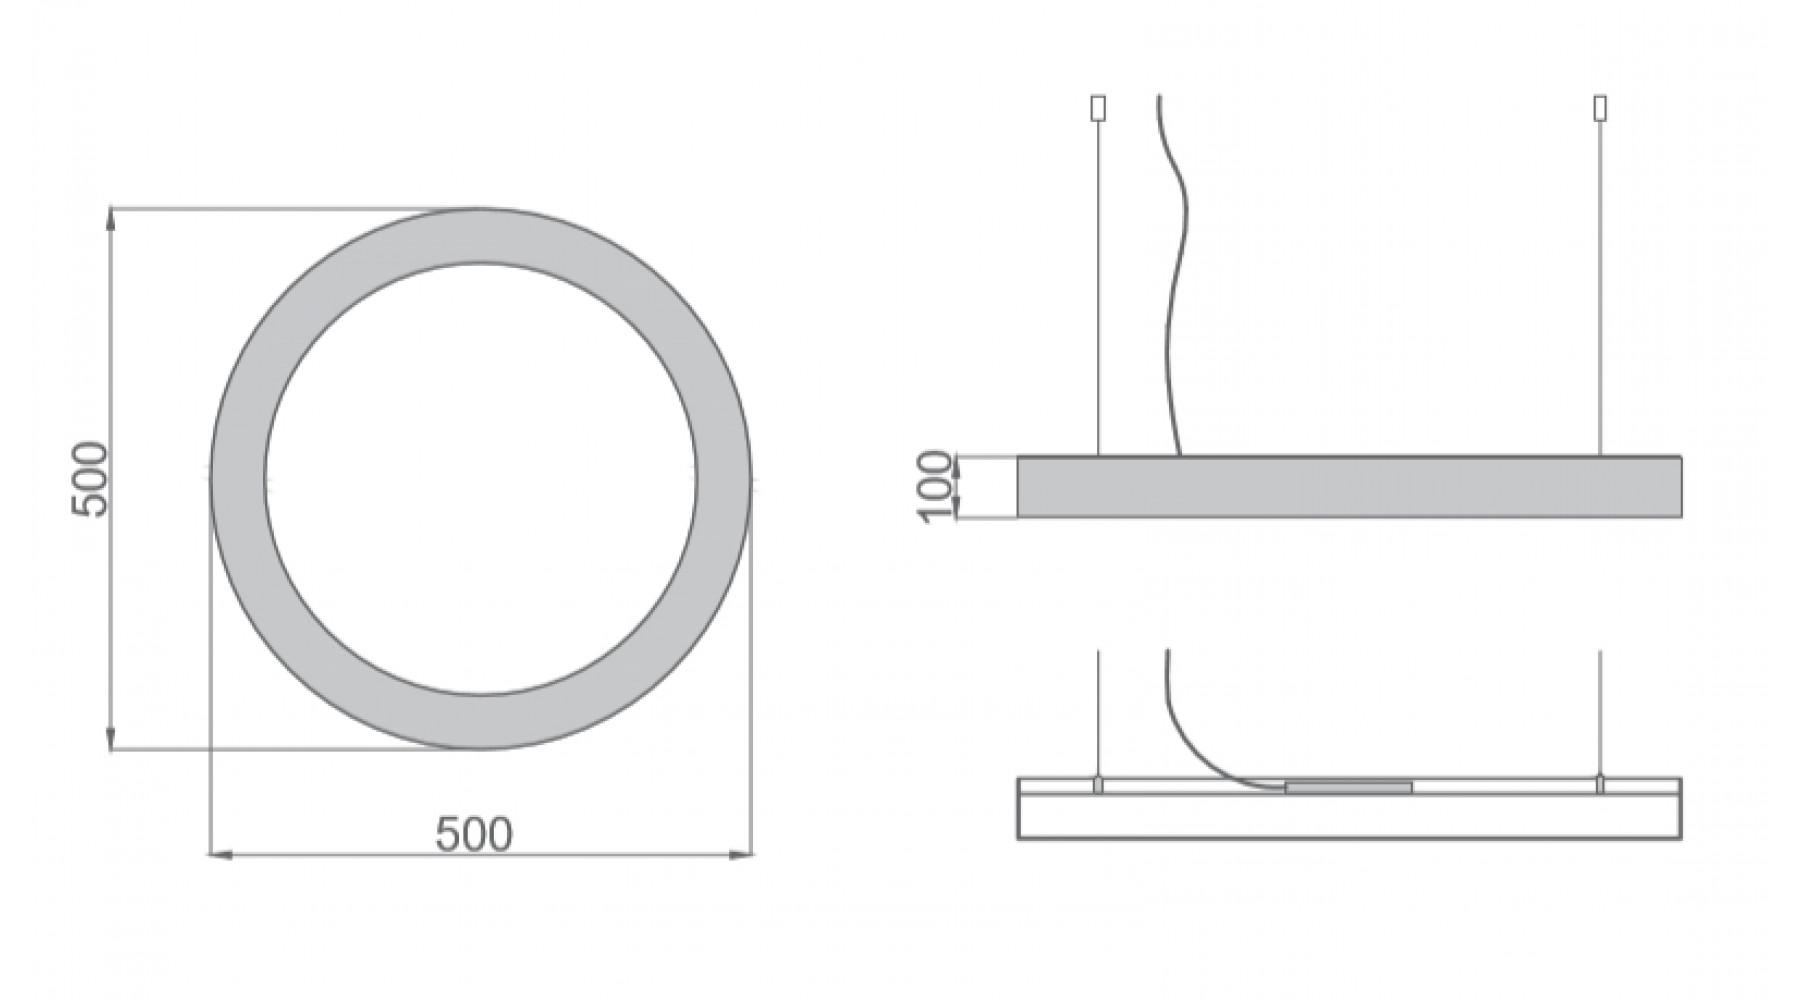 Кольцевой светодиодный светильник SUNRing - d500х100мм S=80мм, 33Вт, 3000Лм, IP20